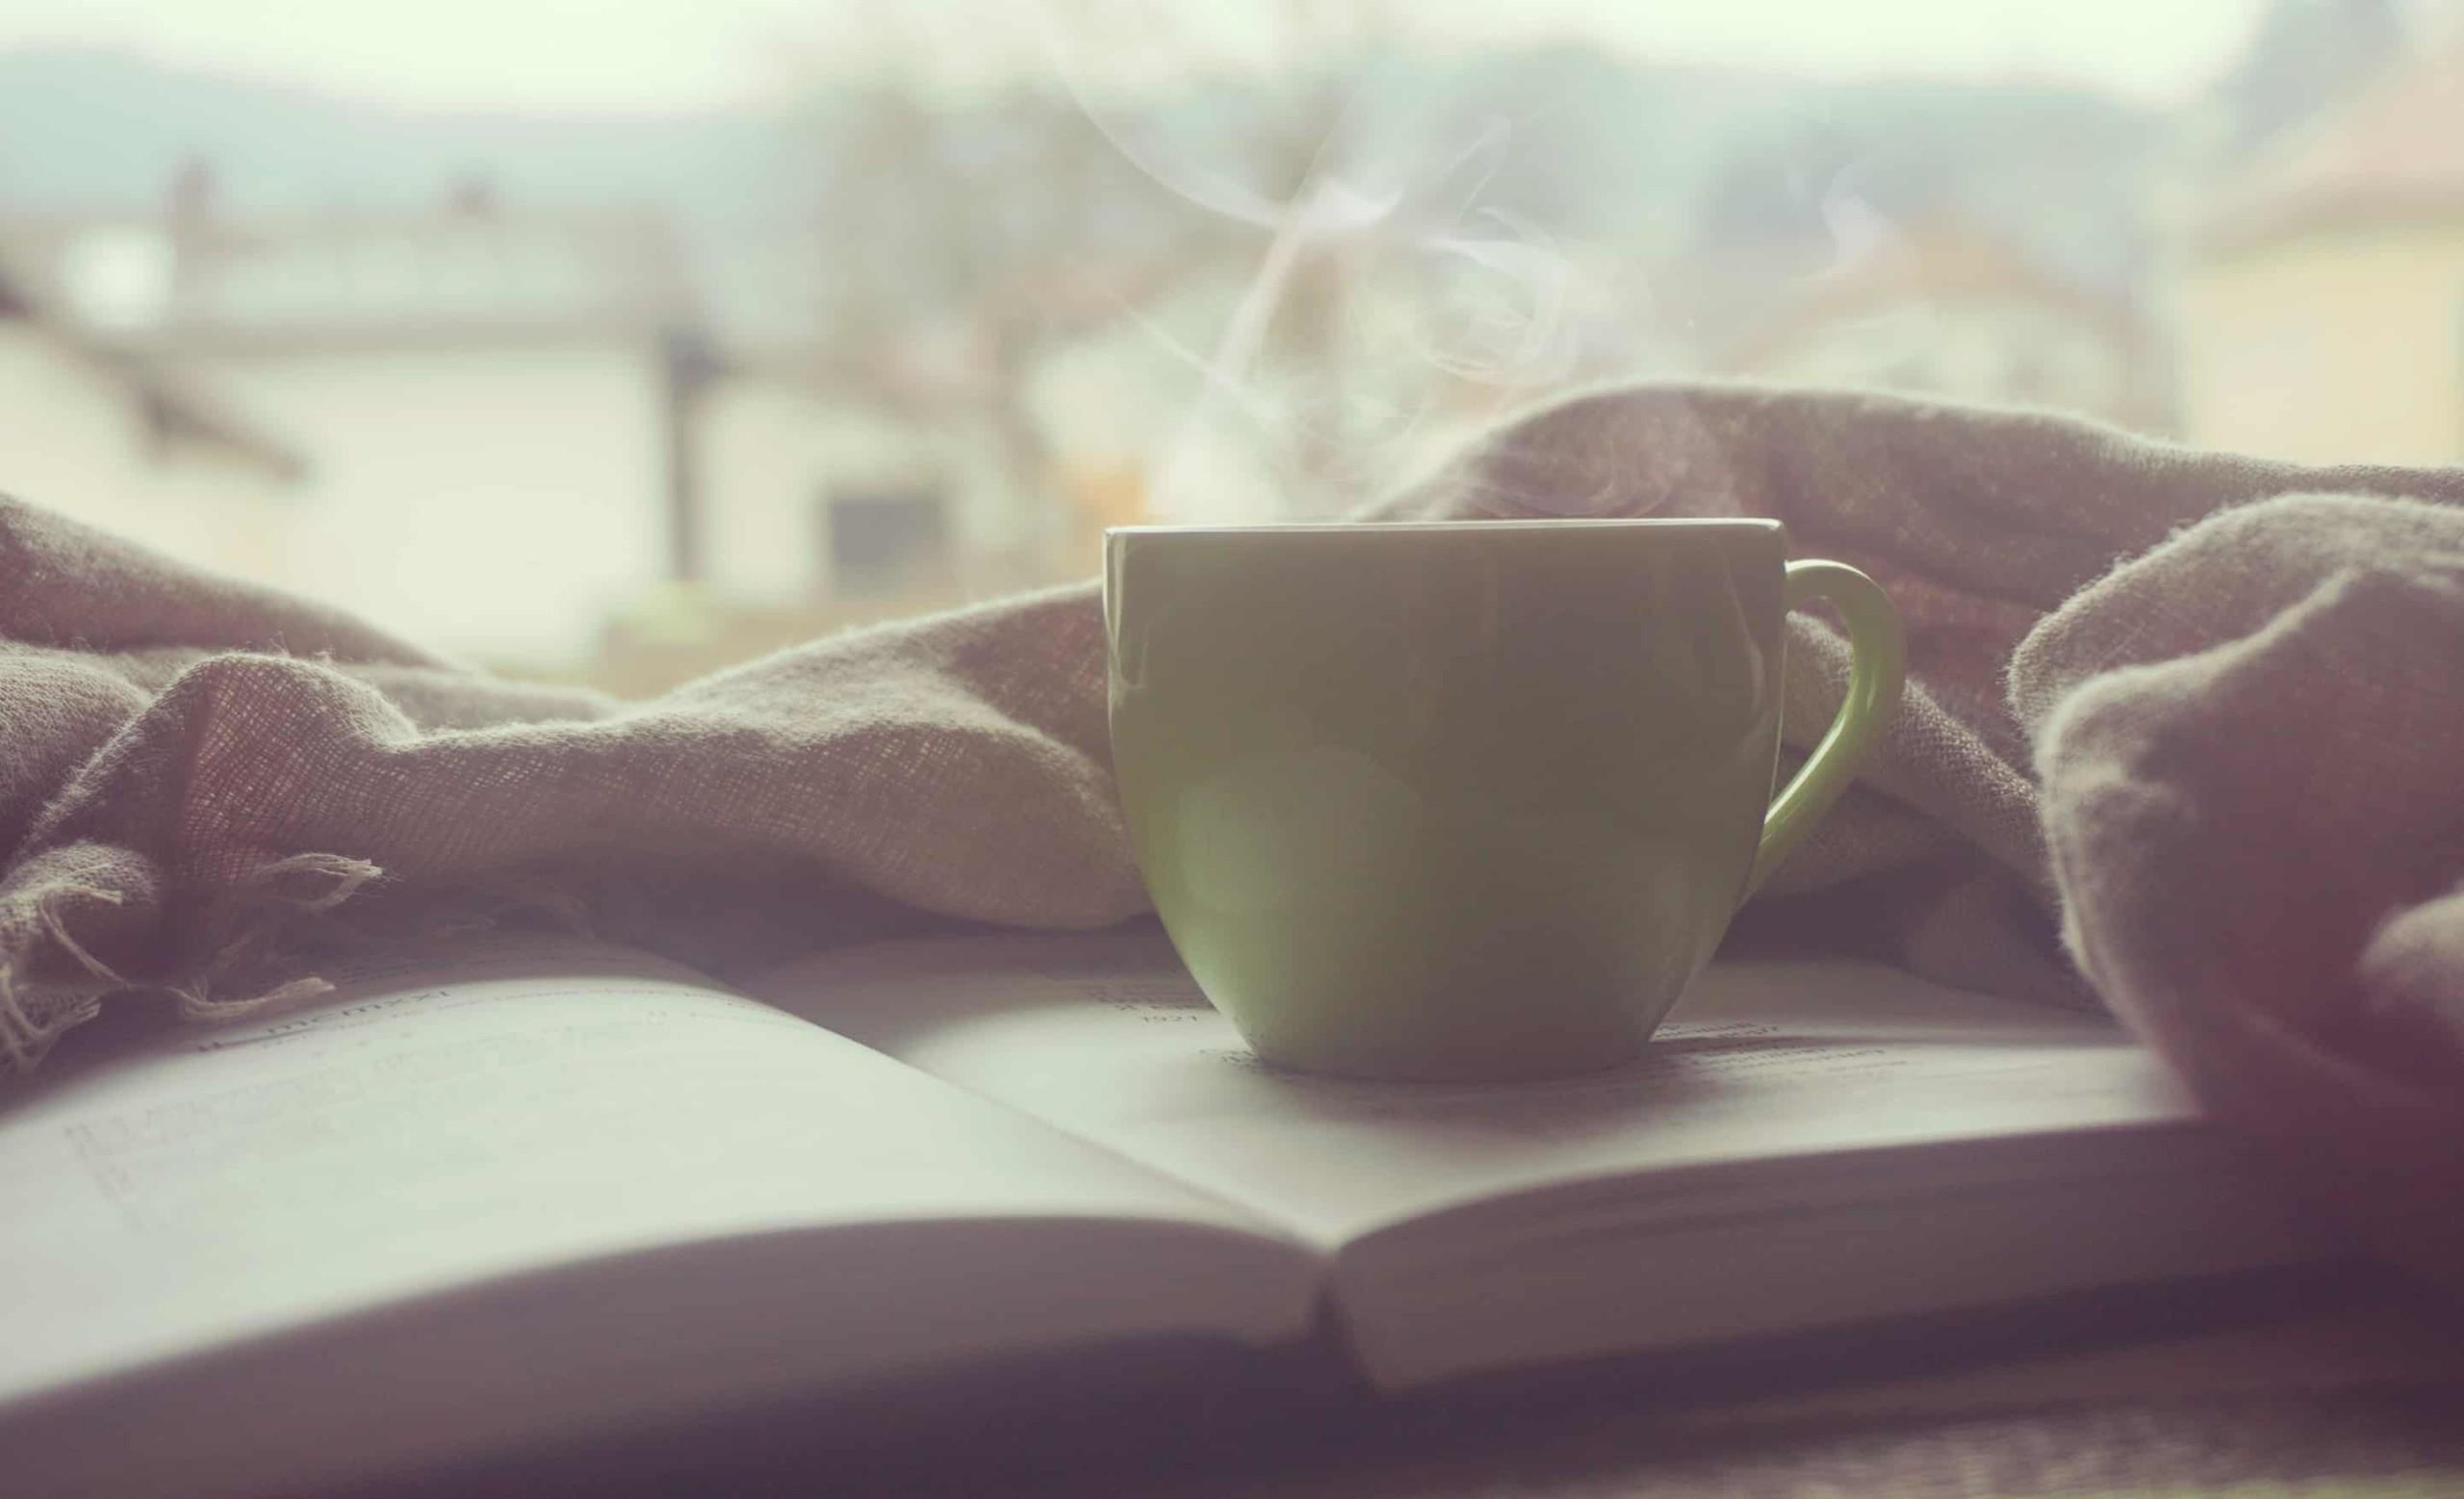 Terveysvaikutteinen tee saattaa auttaa lievittämään stressiä.